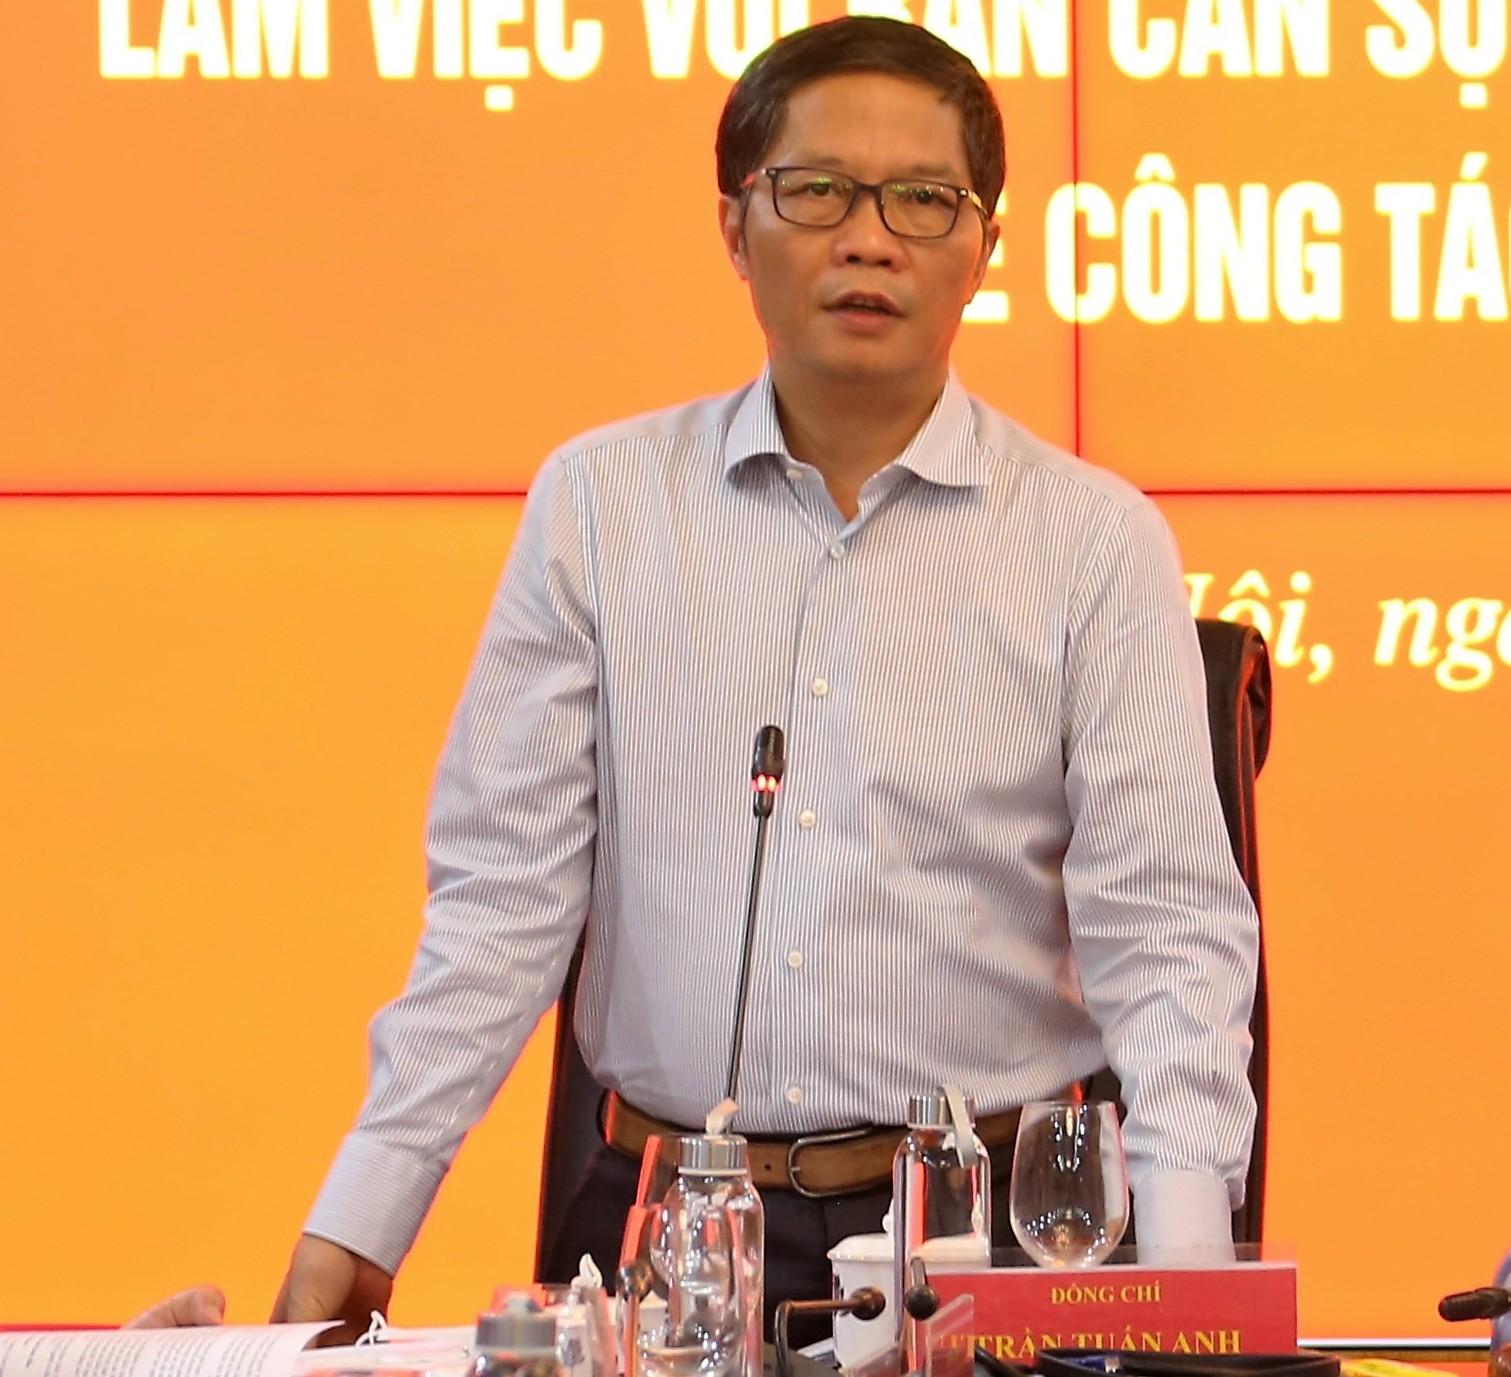 Trưởng Ban Kinh tế Trung ương Trần Tuấn Anh: Cần nỗ lực cố gắng vào cuộc với quyết tâm cao nhất để hoàn thành tốt nhiệm vụ tổng kết nghị quyết có ý nghĩa quan trọng này - Ảnh:VGP